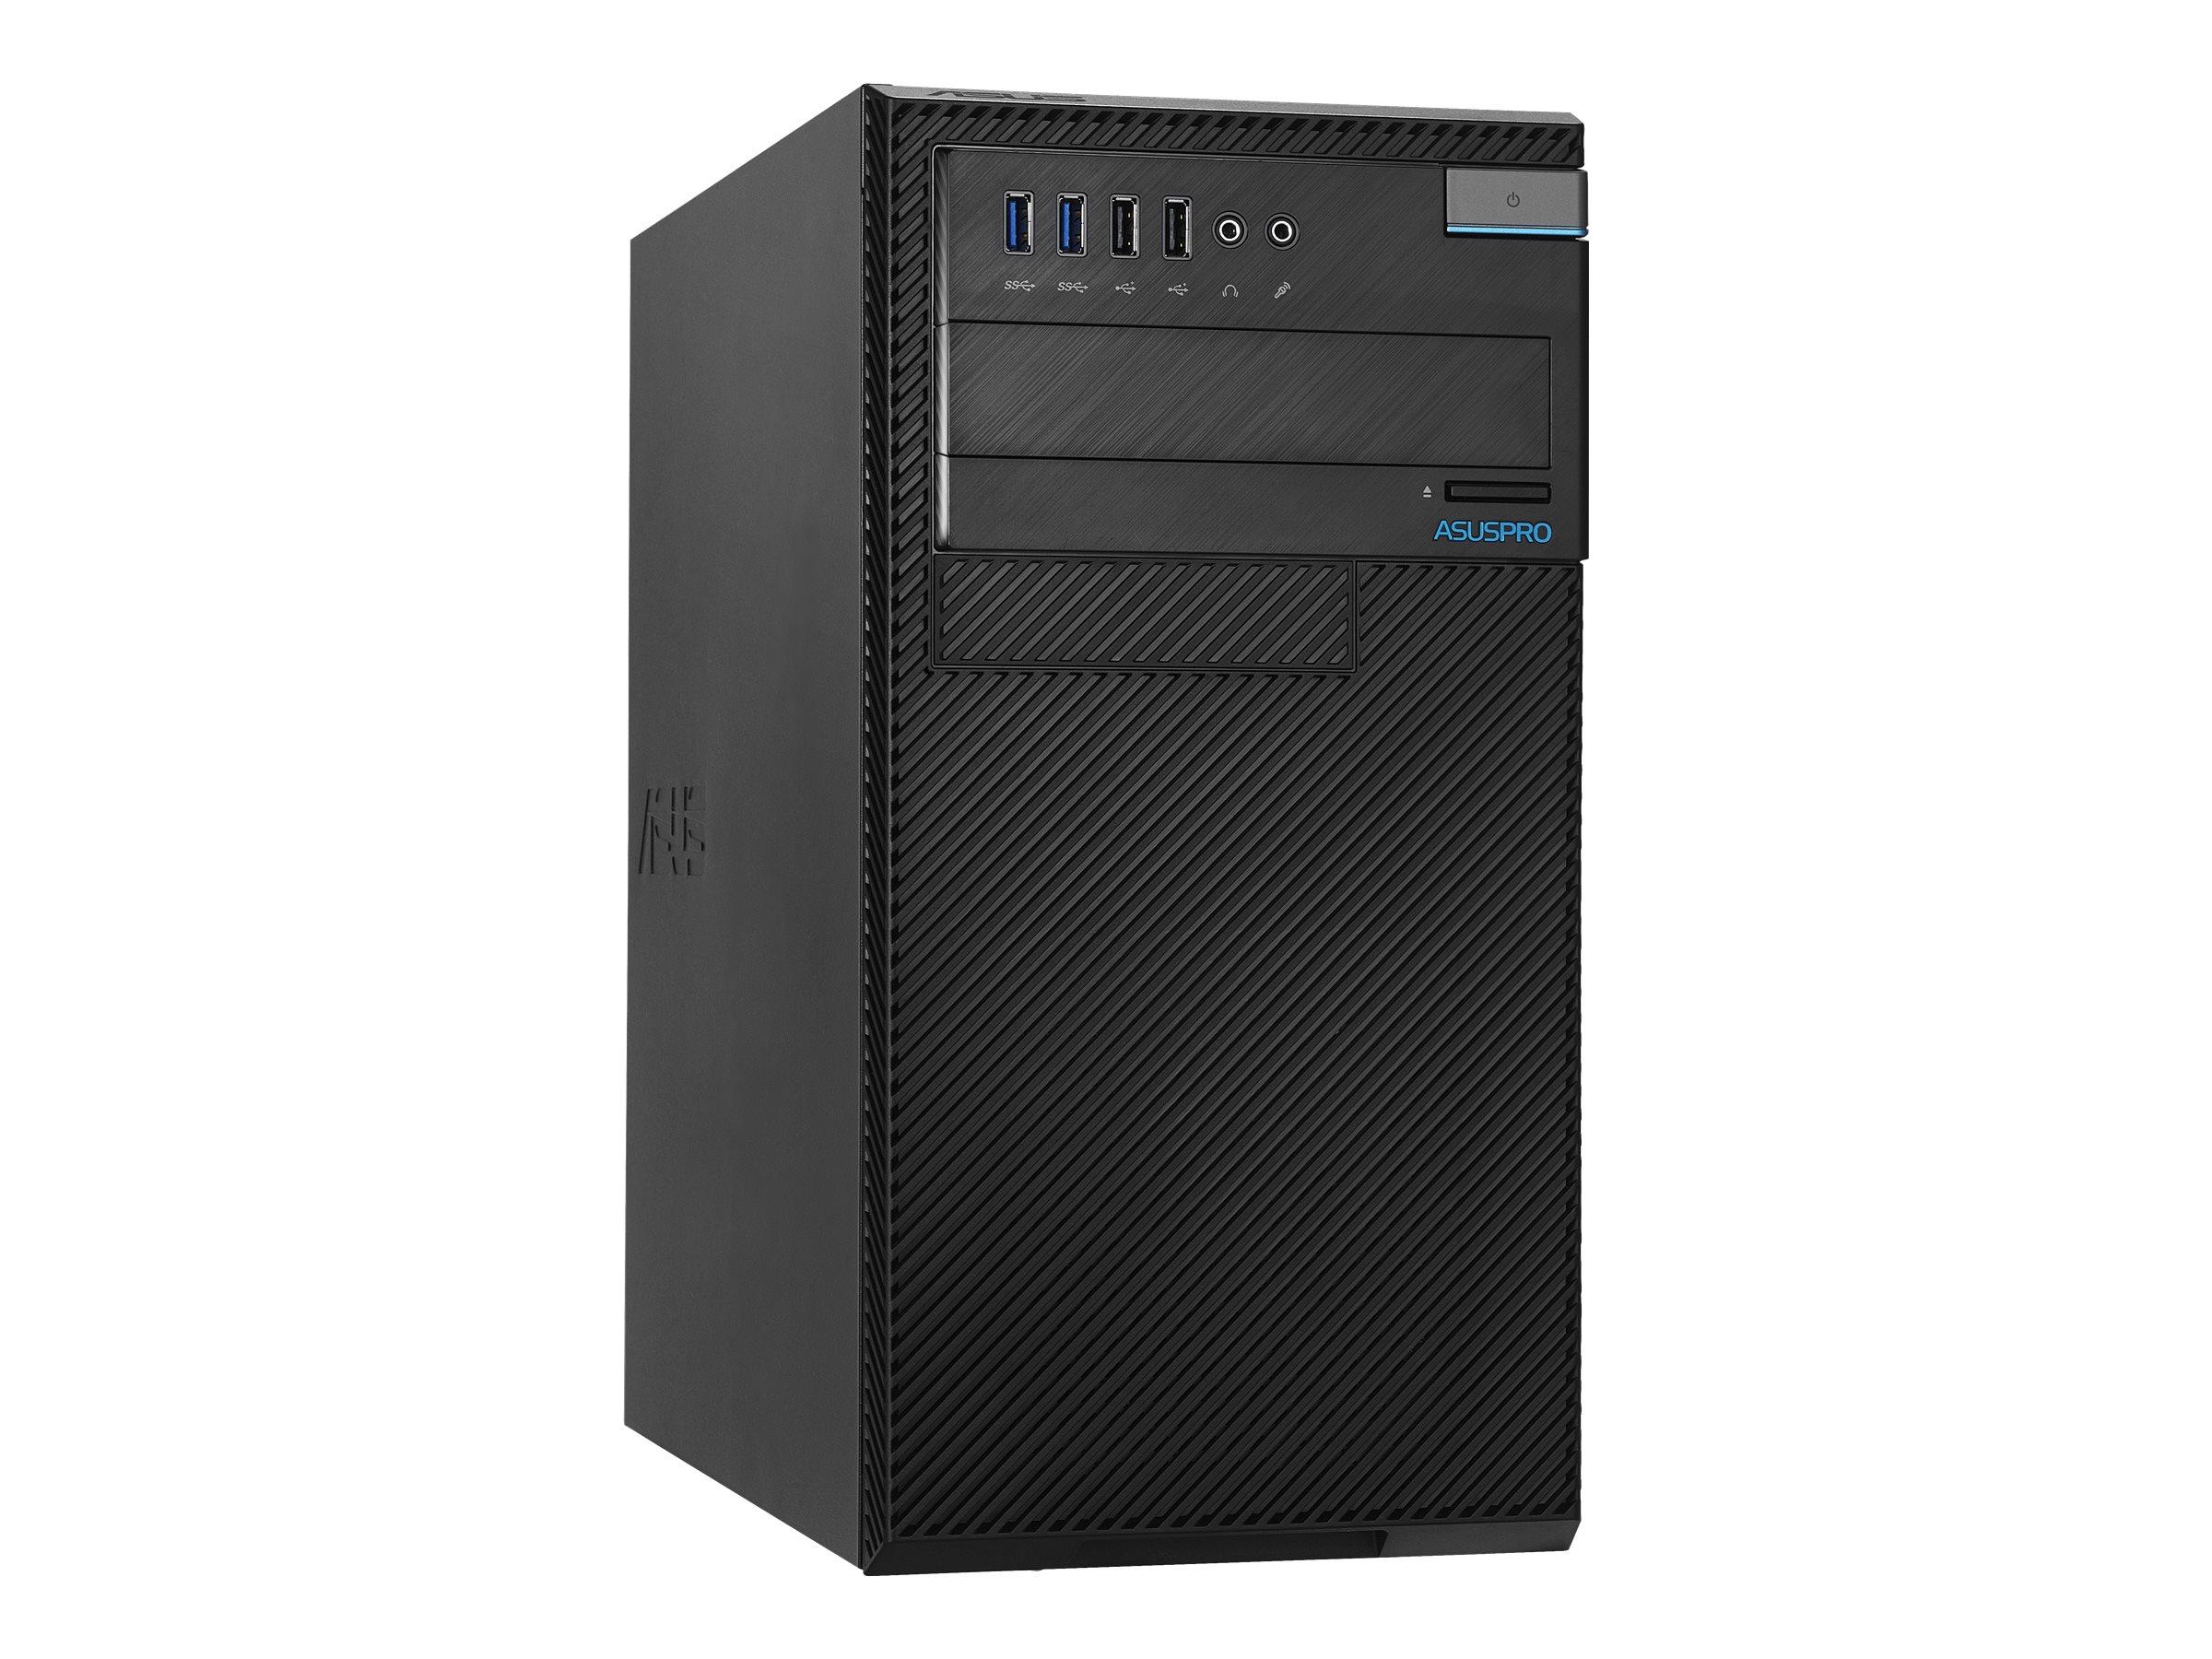 PassMark - Intel Pentium G3250 @ 3.20GHz - Price ...